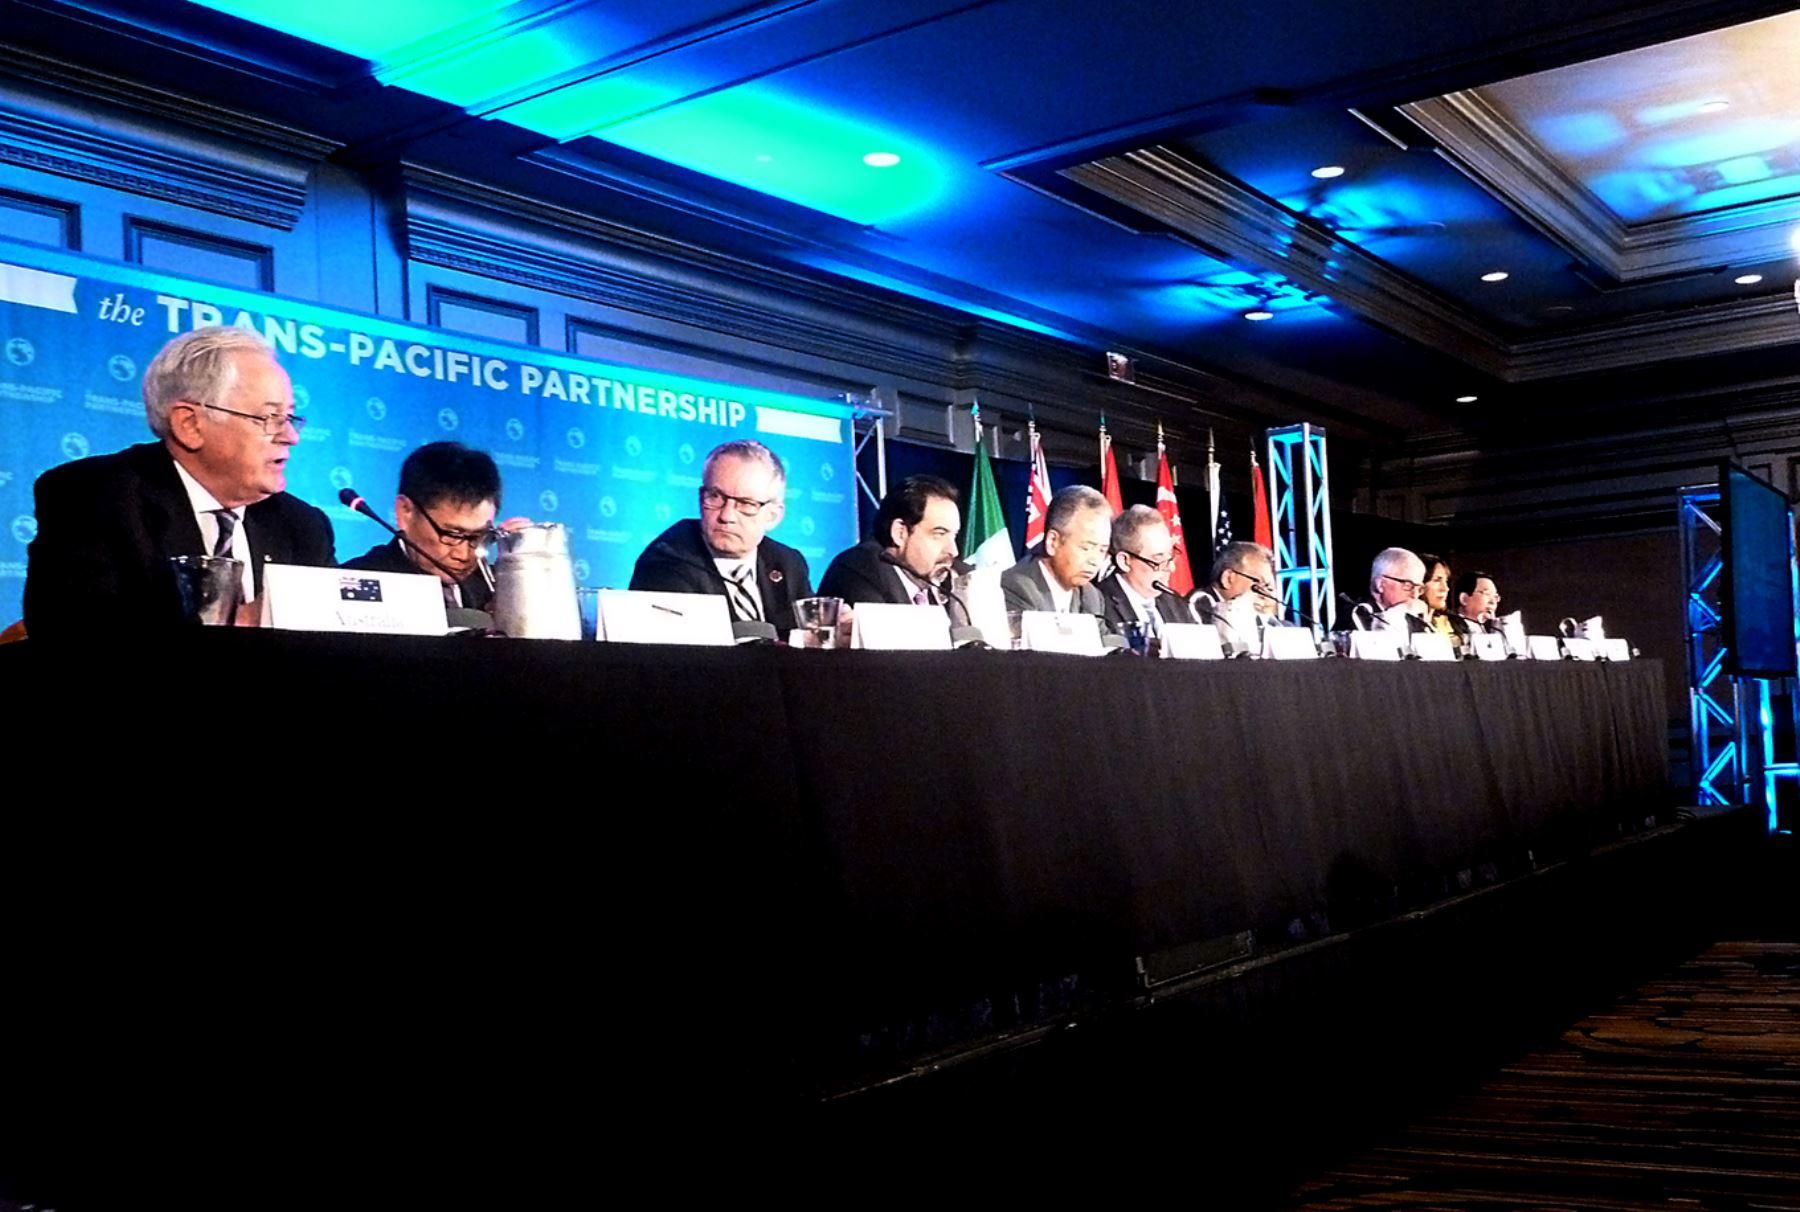 Delegados asistentes a la Asociación Trans-Pacífico (TPP)